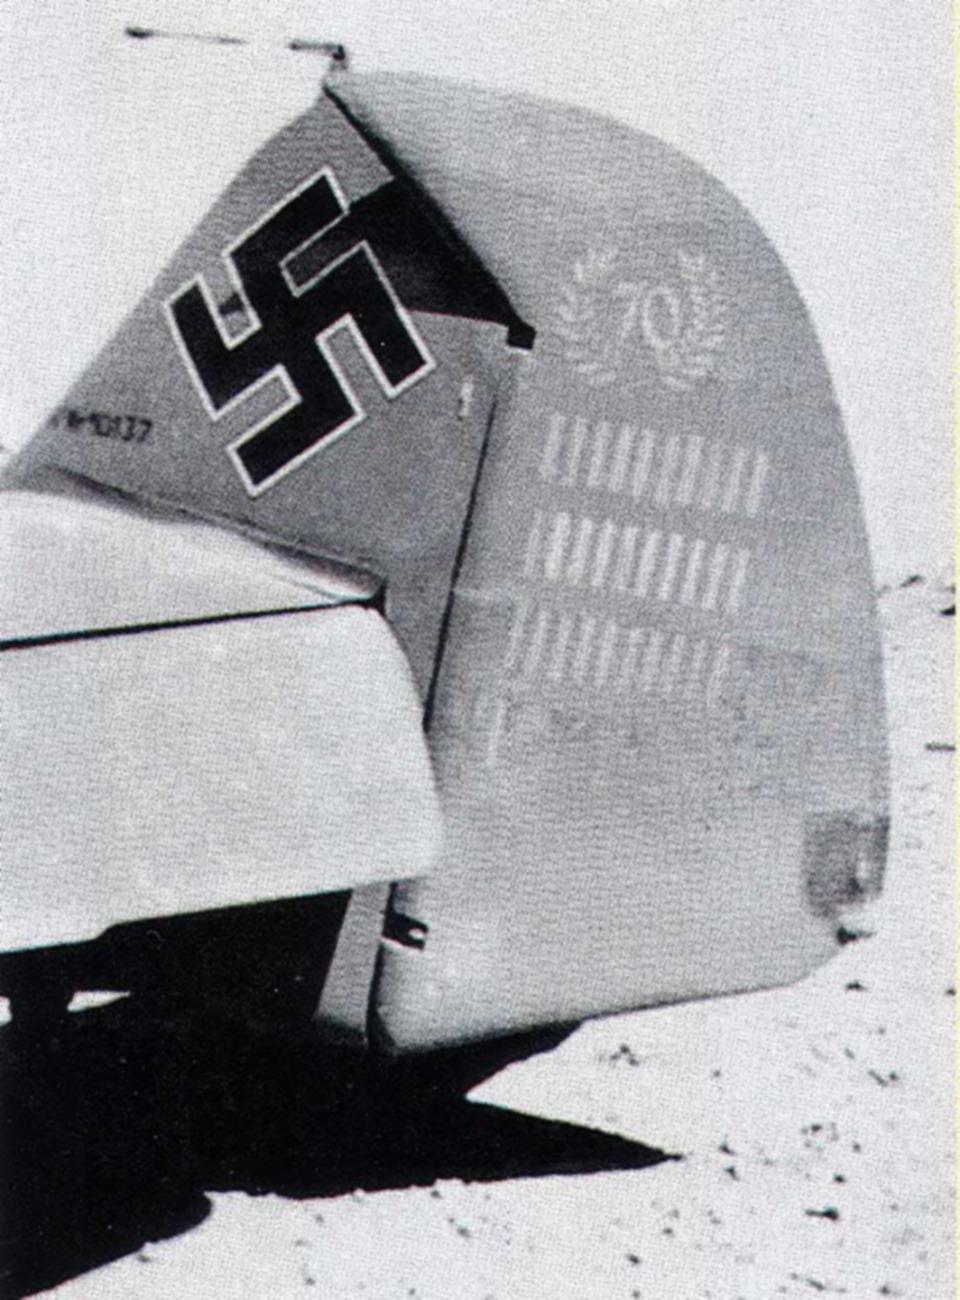 Messerschmitt Bf 109F4Trop 3.JG27 Yellow 14 Hans Joachim Marseille WNr 10137 Africa 21st June 1942 03